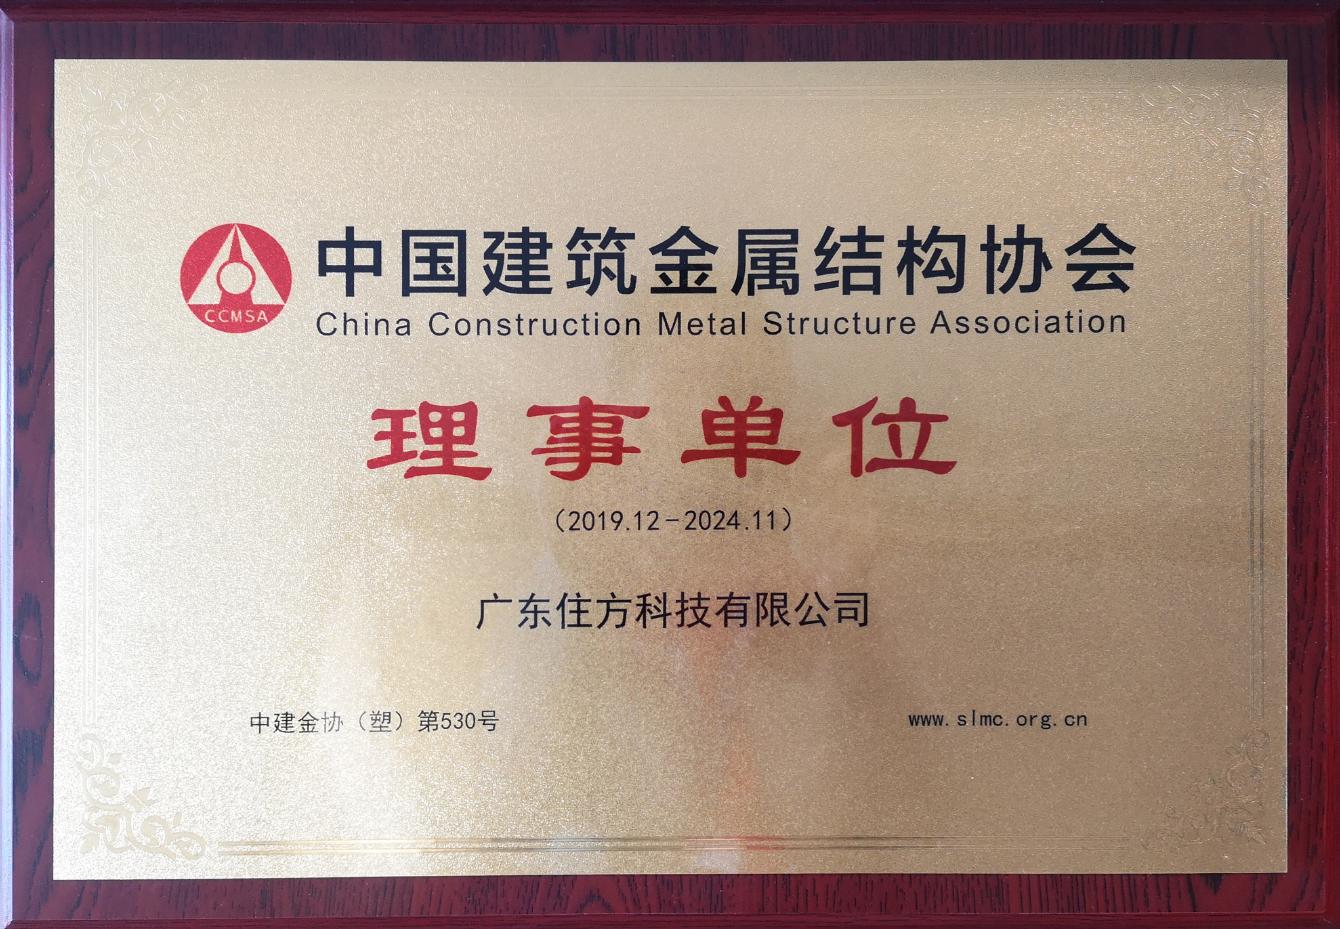 中国建筑金属结构协会理事单位